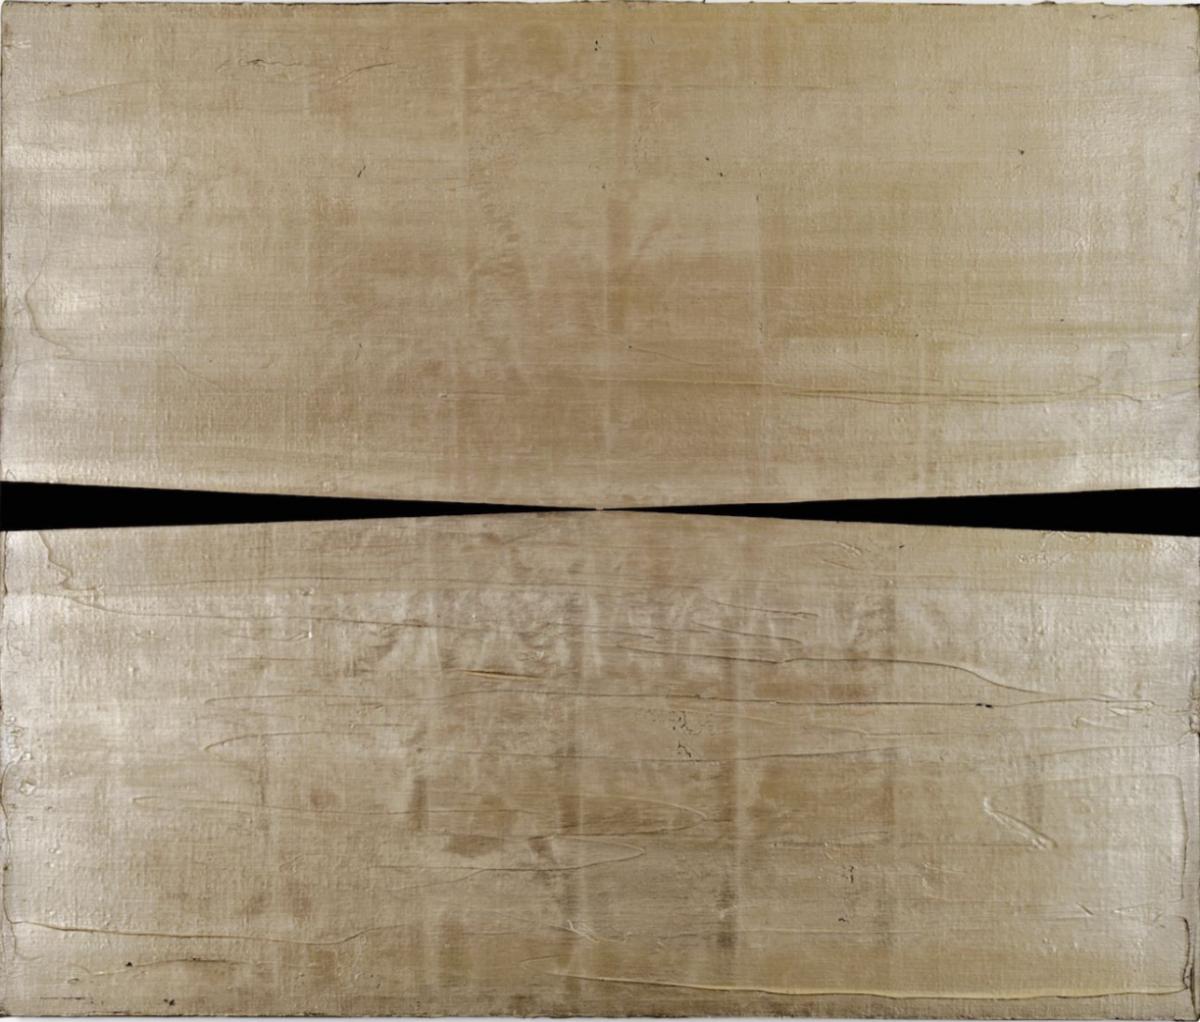 Pablo Griss, La Luna, 2018, 21 Karat Blattgold und Acryl auf Leinwand, 50 x 60 cm